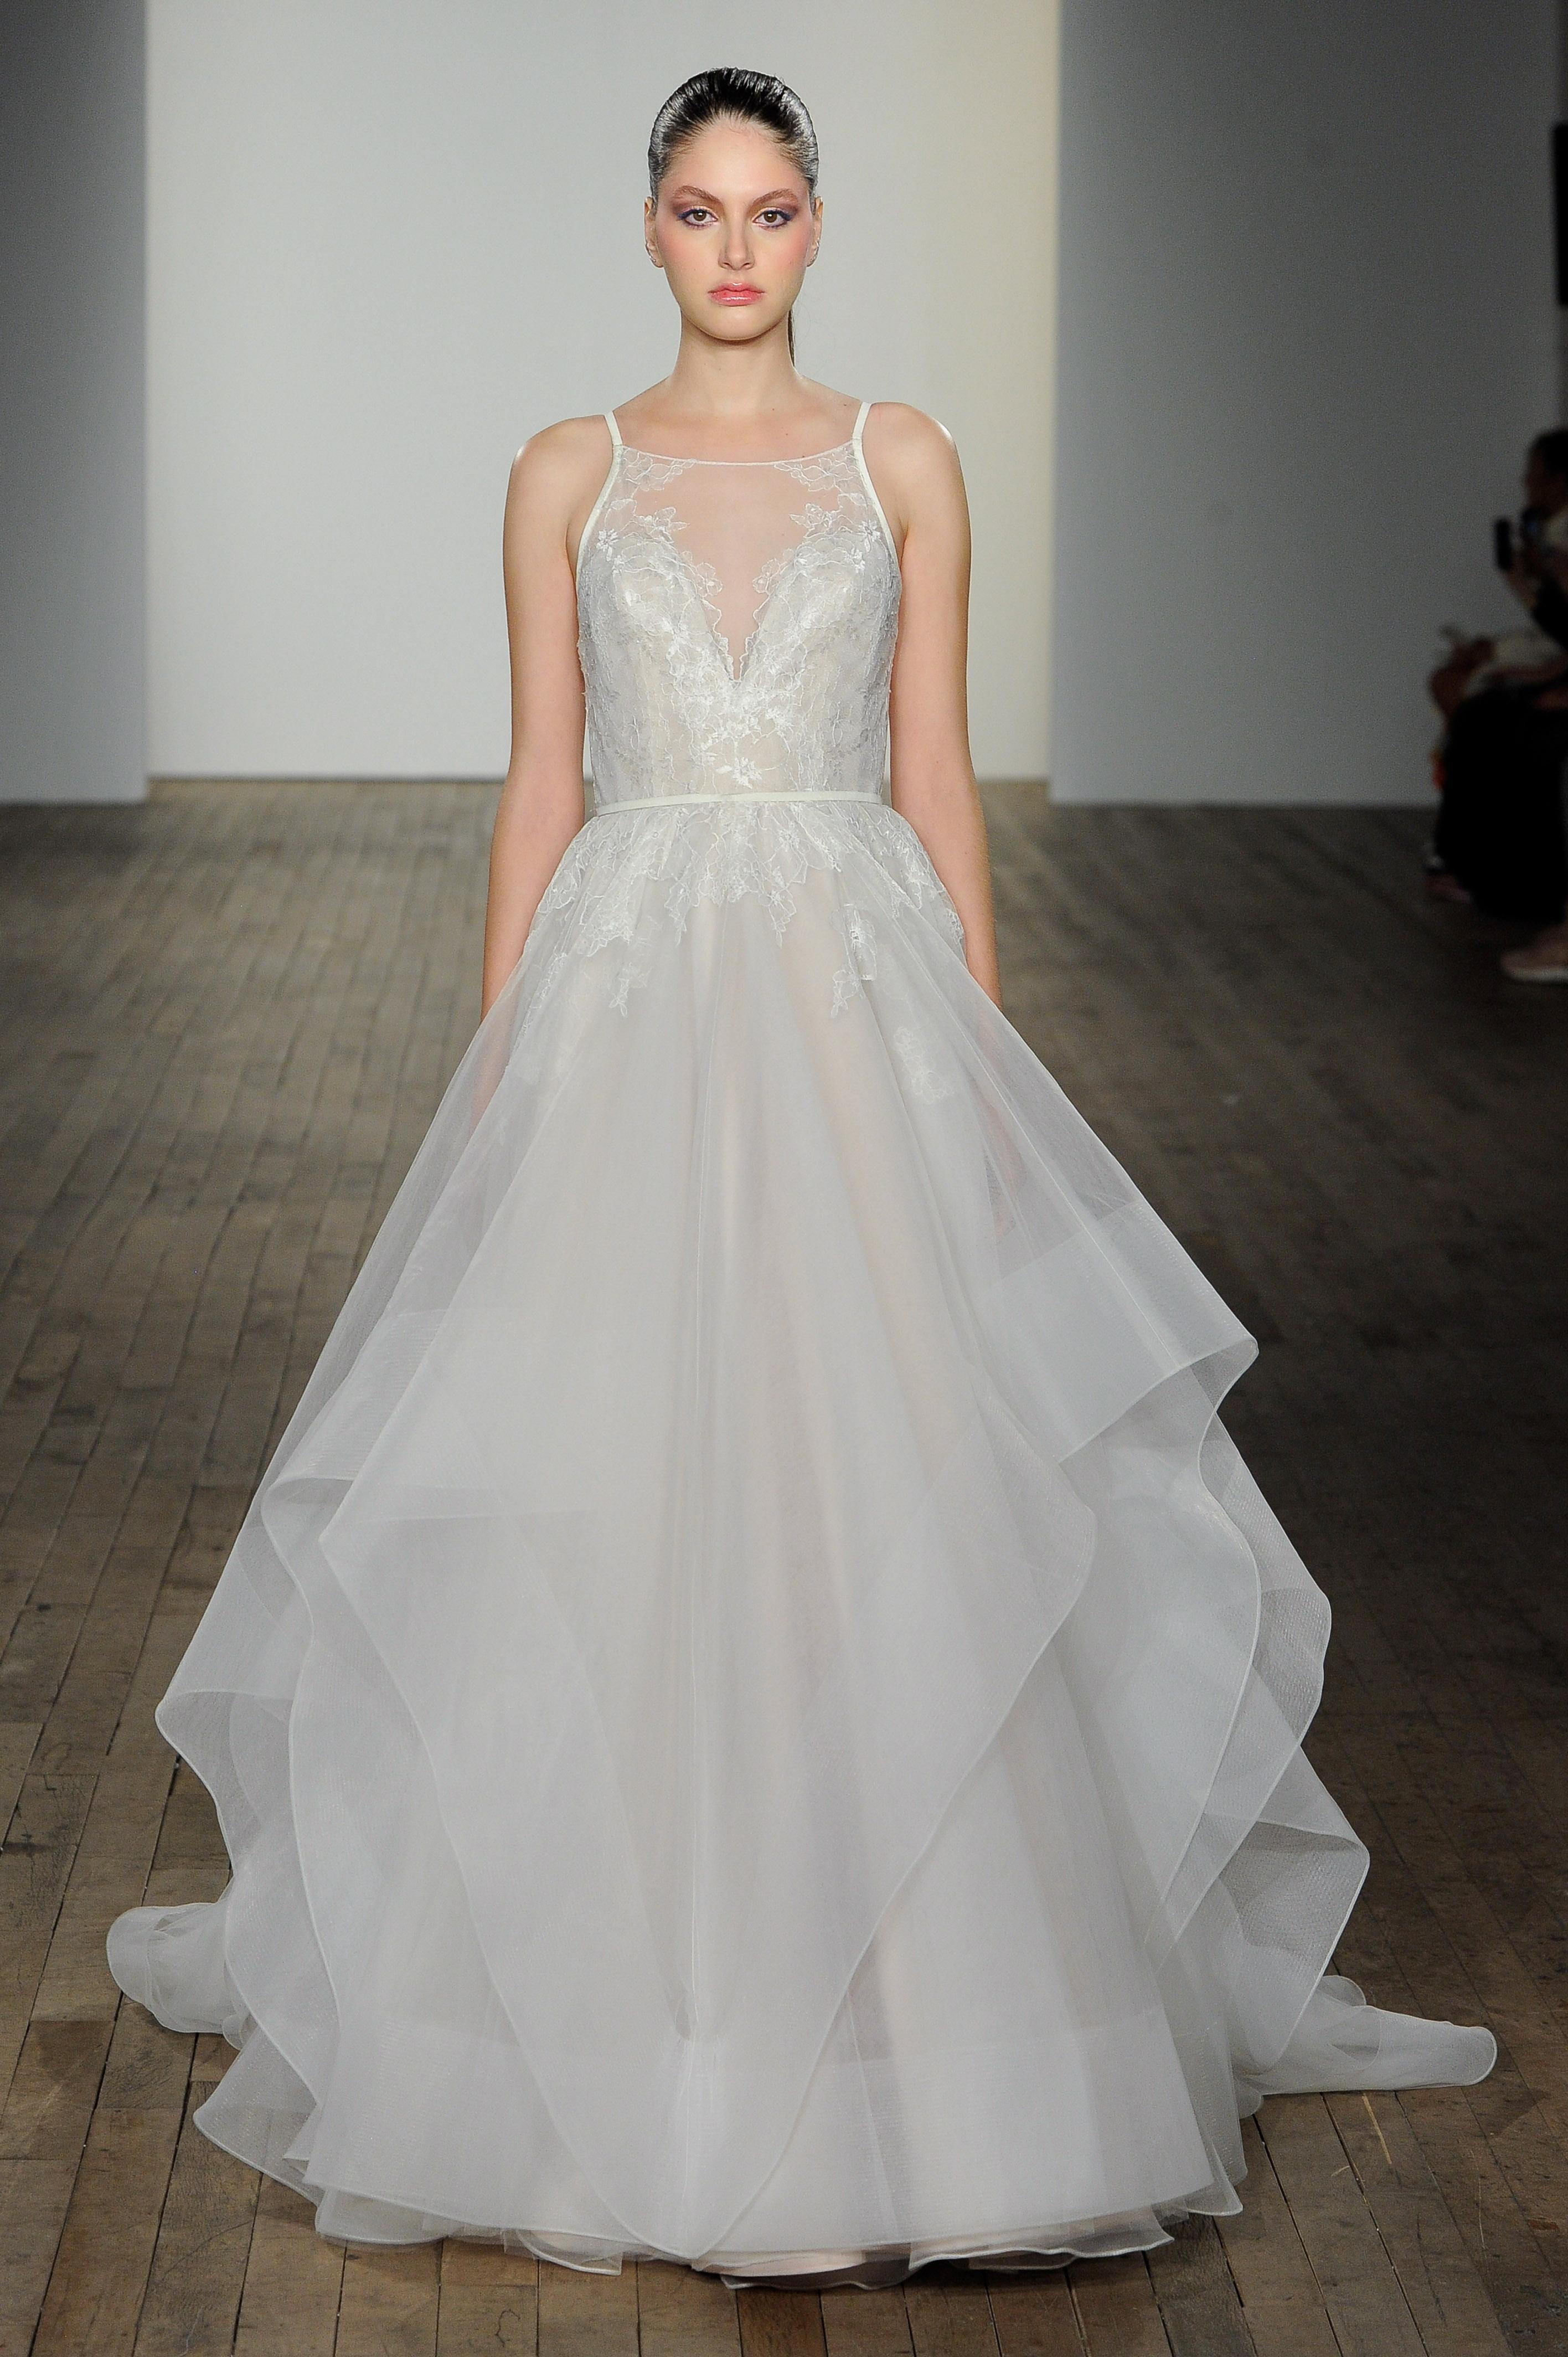 haley paige fall 2019 high vertical ruffles wedding dress